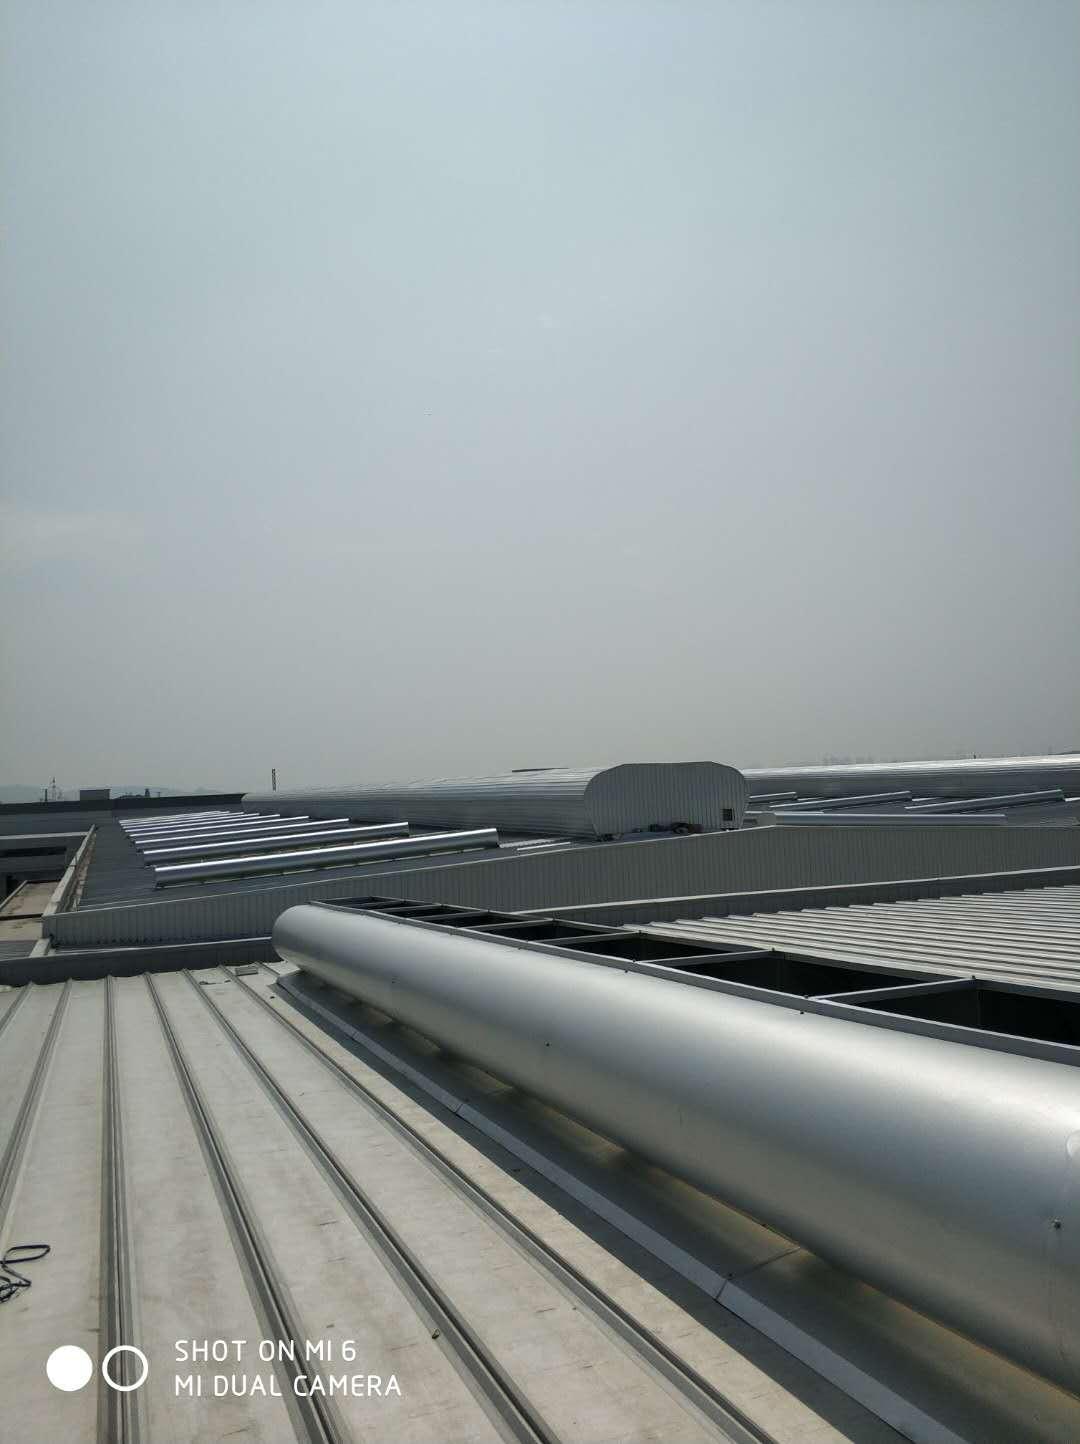 采光天窗厂家_顺坡无动力风球厂家_聊城市瑞星通风设备有限公司